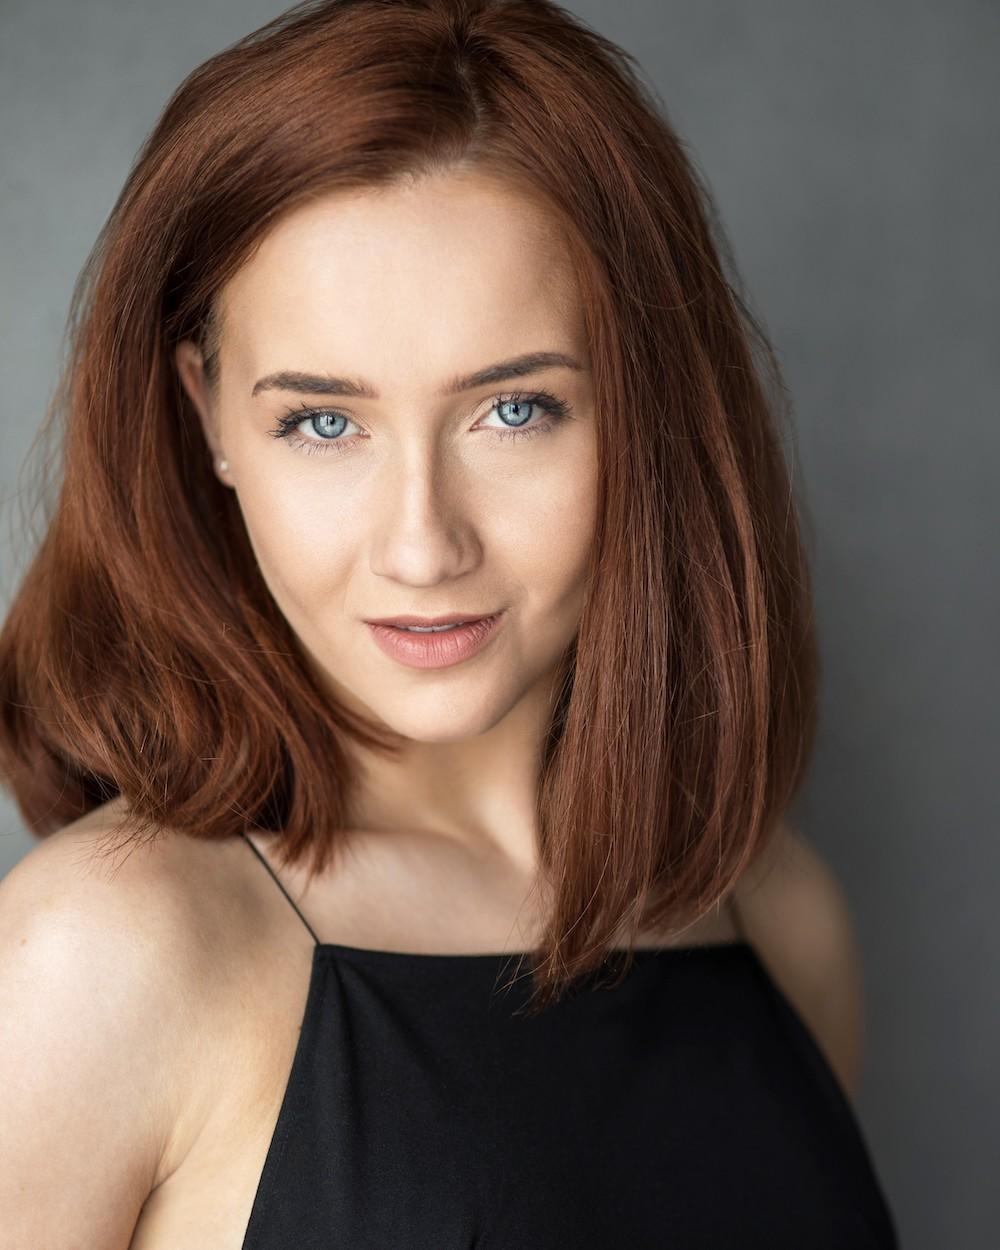 Amelia-Rose Fielding